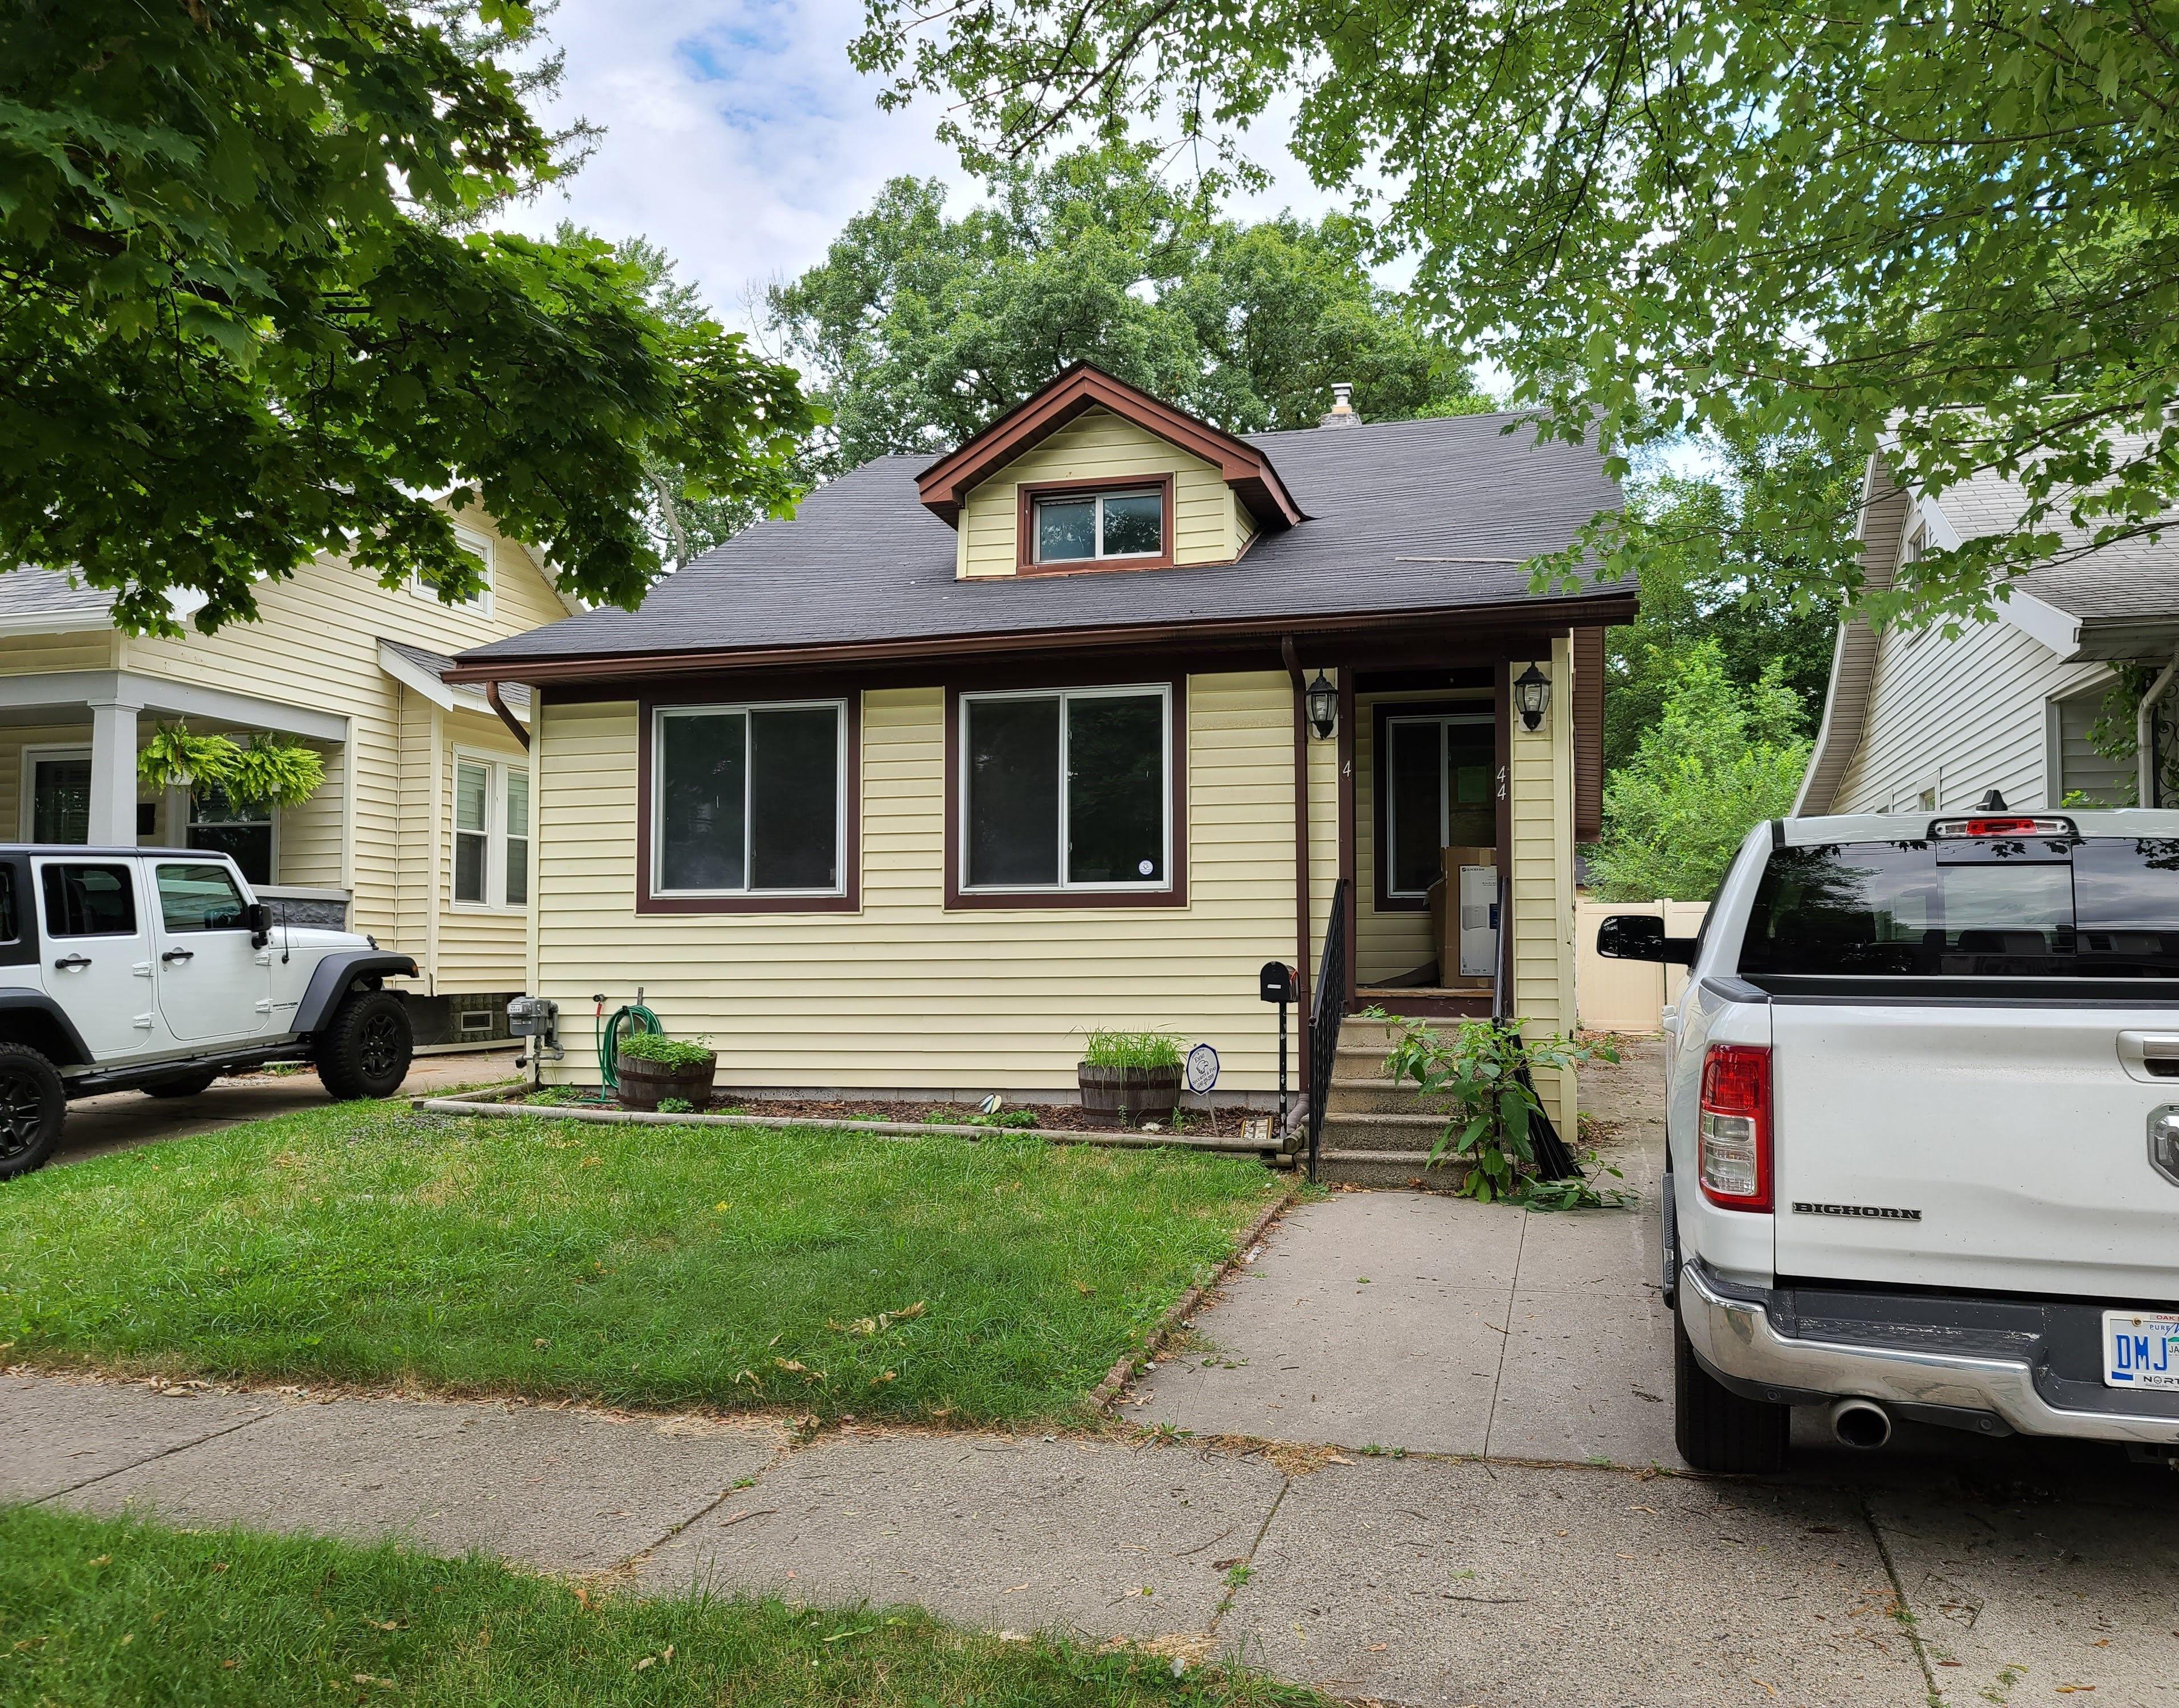 444 W Bennett Ave (Image - 1)